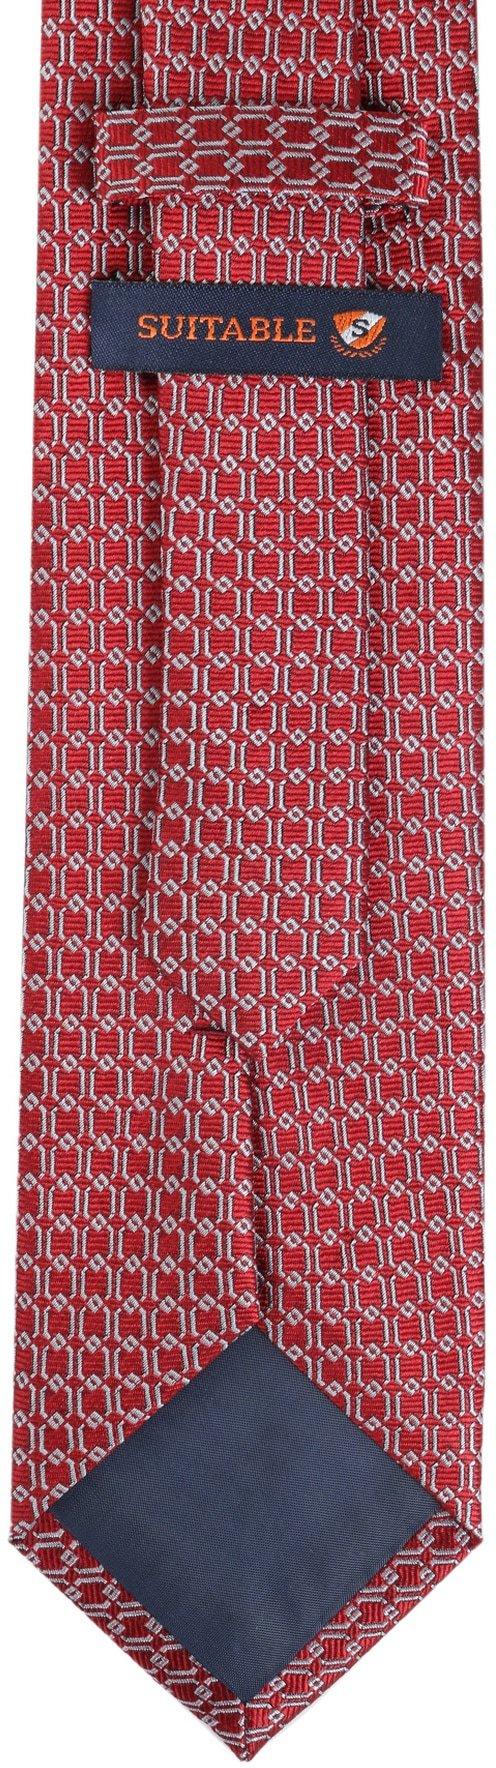 Detail Krawatte Seide Dessin Rot Gitter